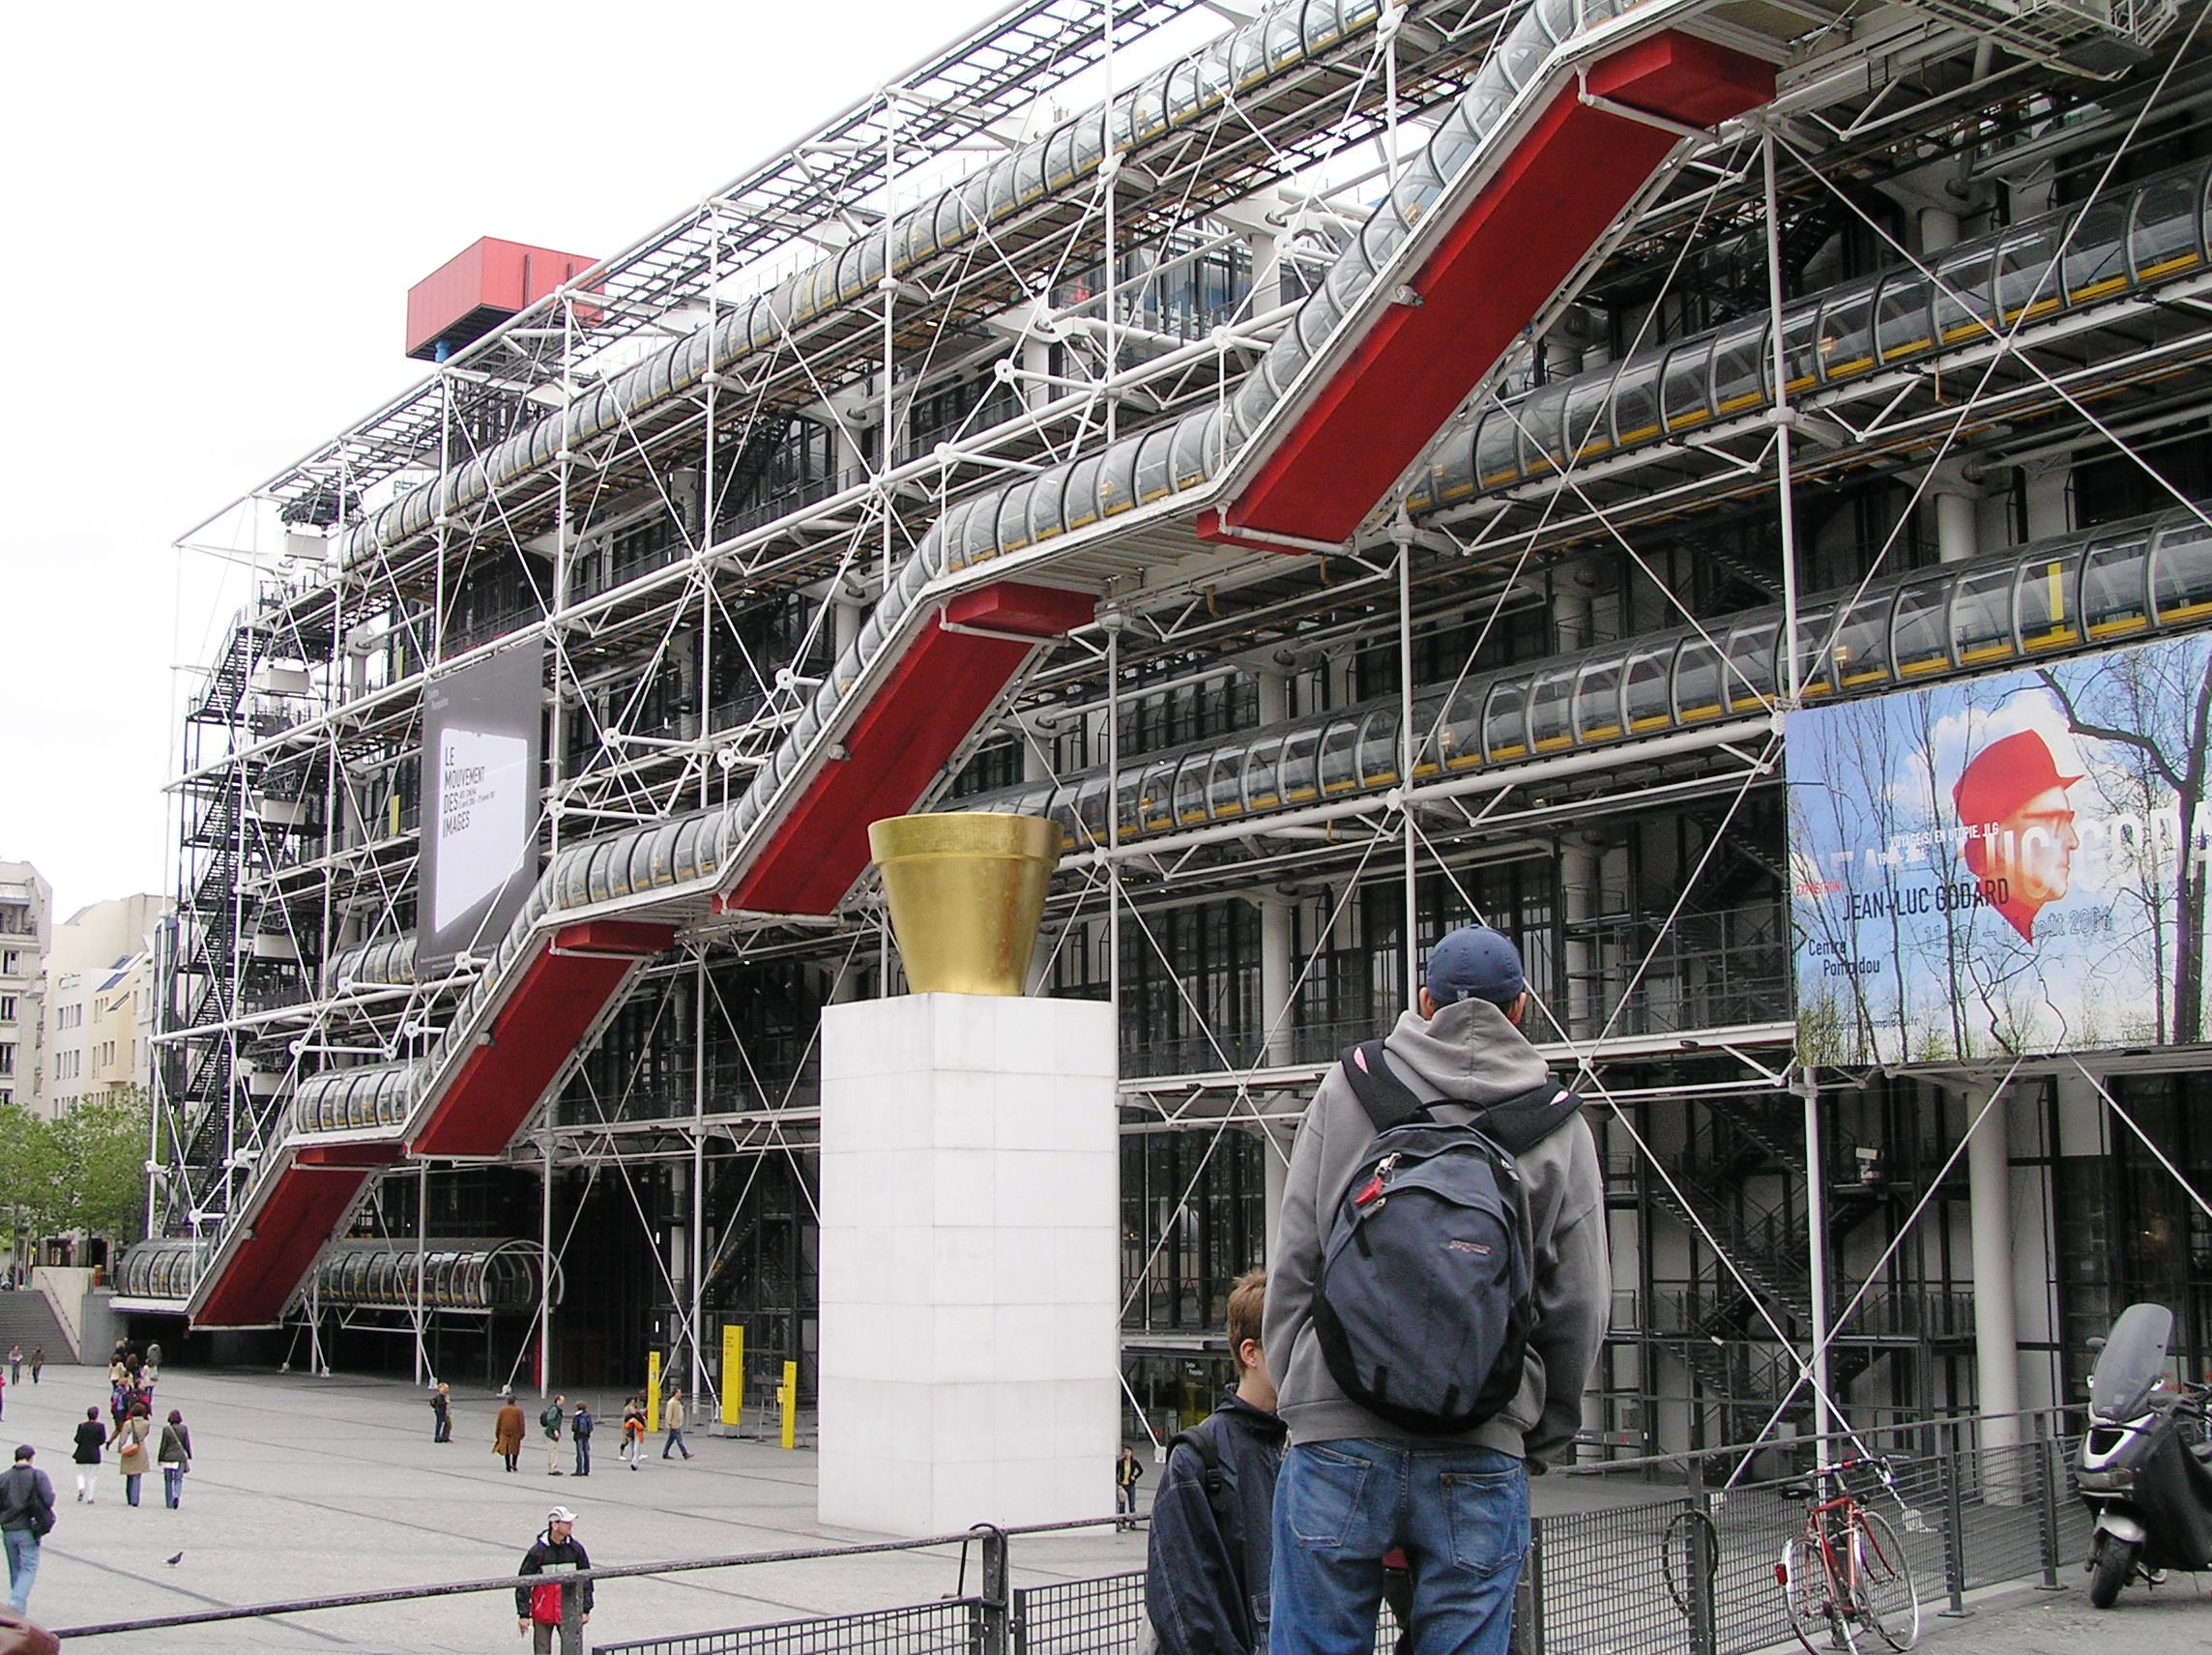 Francie - Paříž - Centre Pompidou, 1973-77, Museé National d Art Moderne, největší muzeum moder. umění